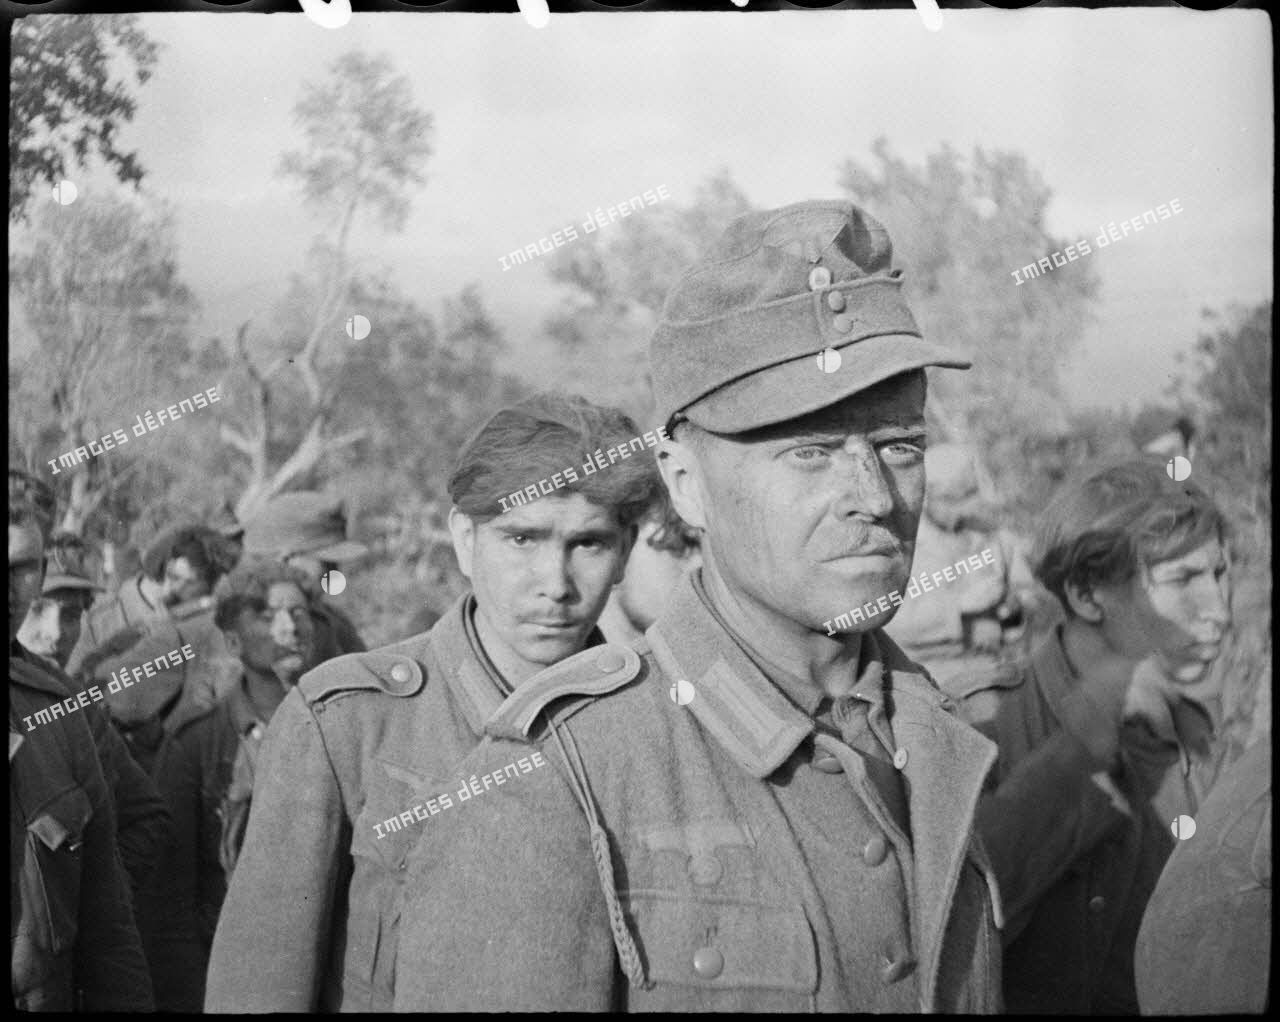 Des fantassins allemands, appartenant probablement à la 71. Infanterie-Division (division d'infanterie) et faits prisonniers lors de la prise de Castelforte par la 3e division d'infanterie algérienne (DIA), sont rassemblés avant d'être fouillés.